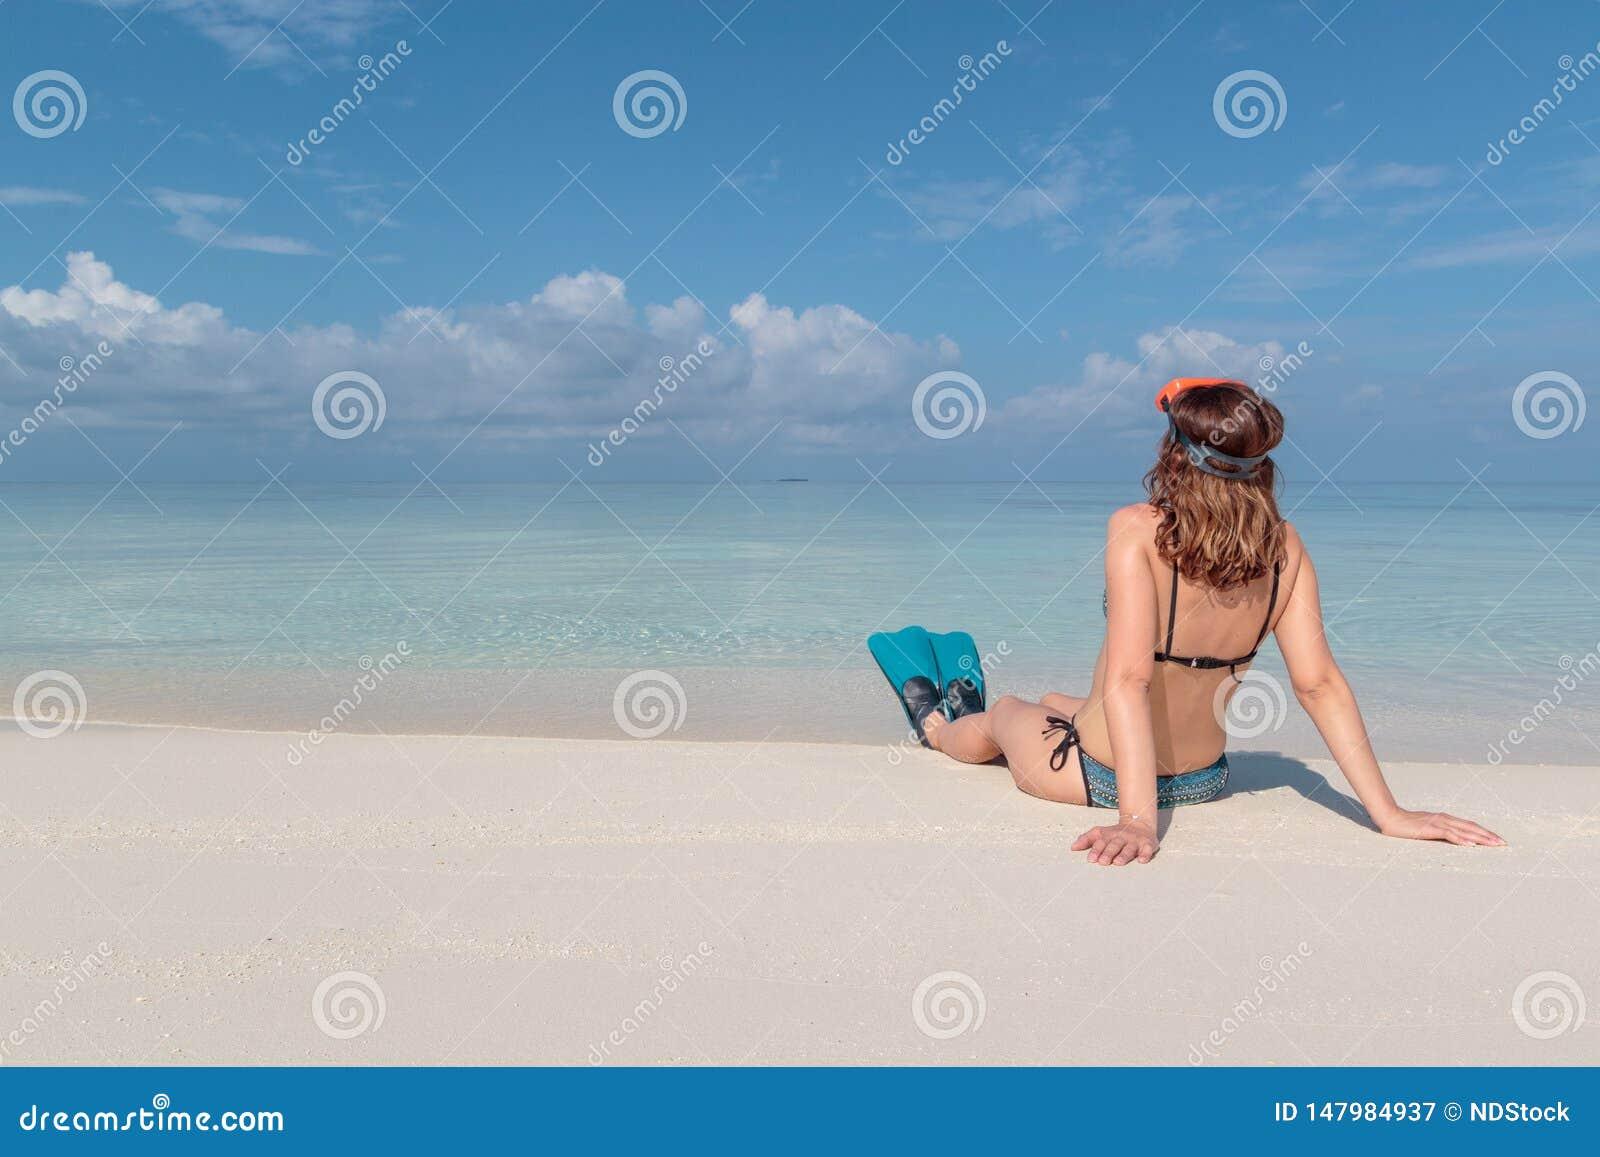 Imagem da parte traseira de uma jovem mulher com aletas e da m?scara assentada em uma praia branca em Maldivas ?gua azul claro co